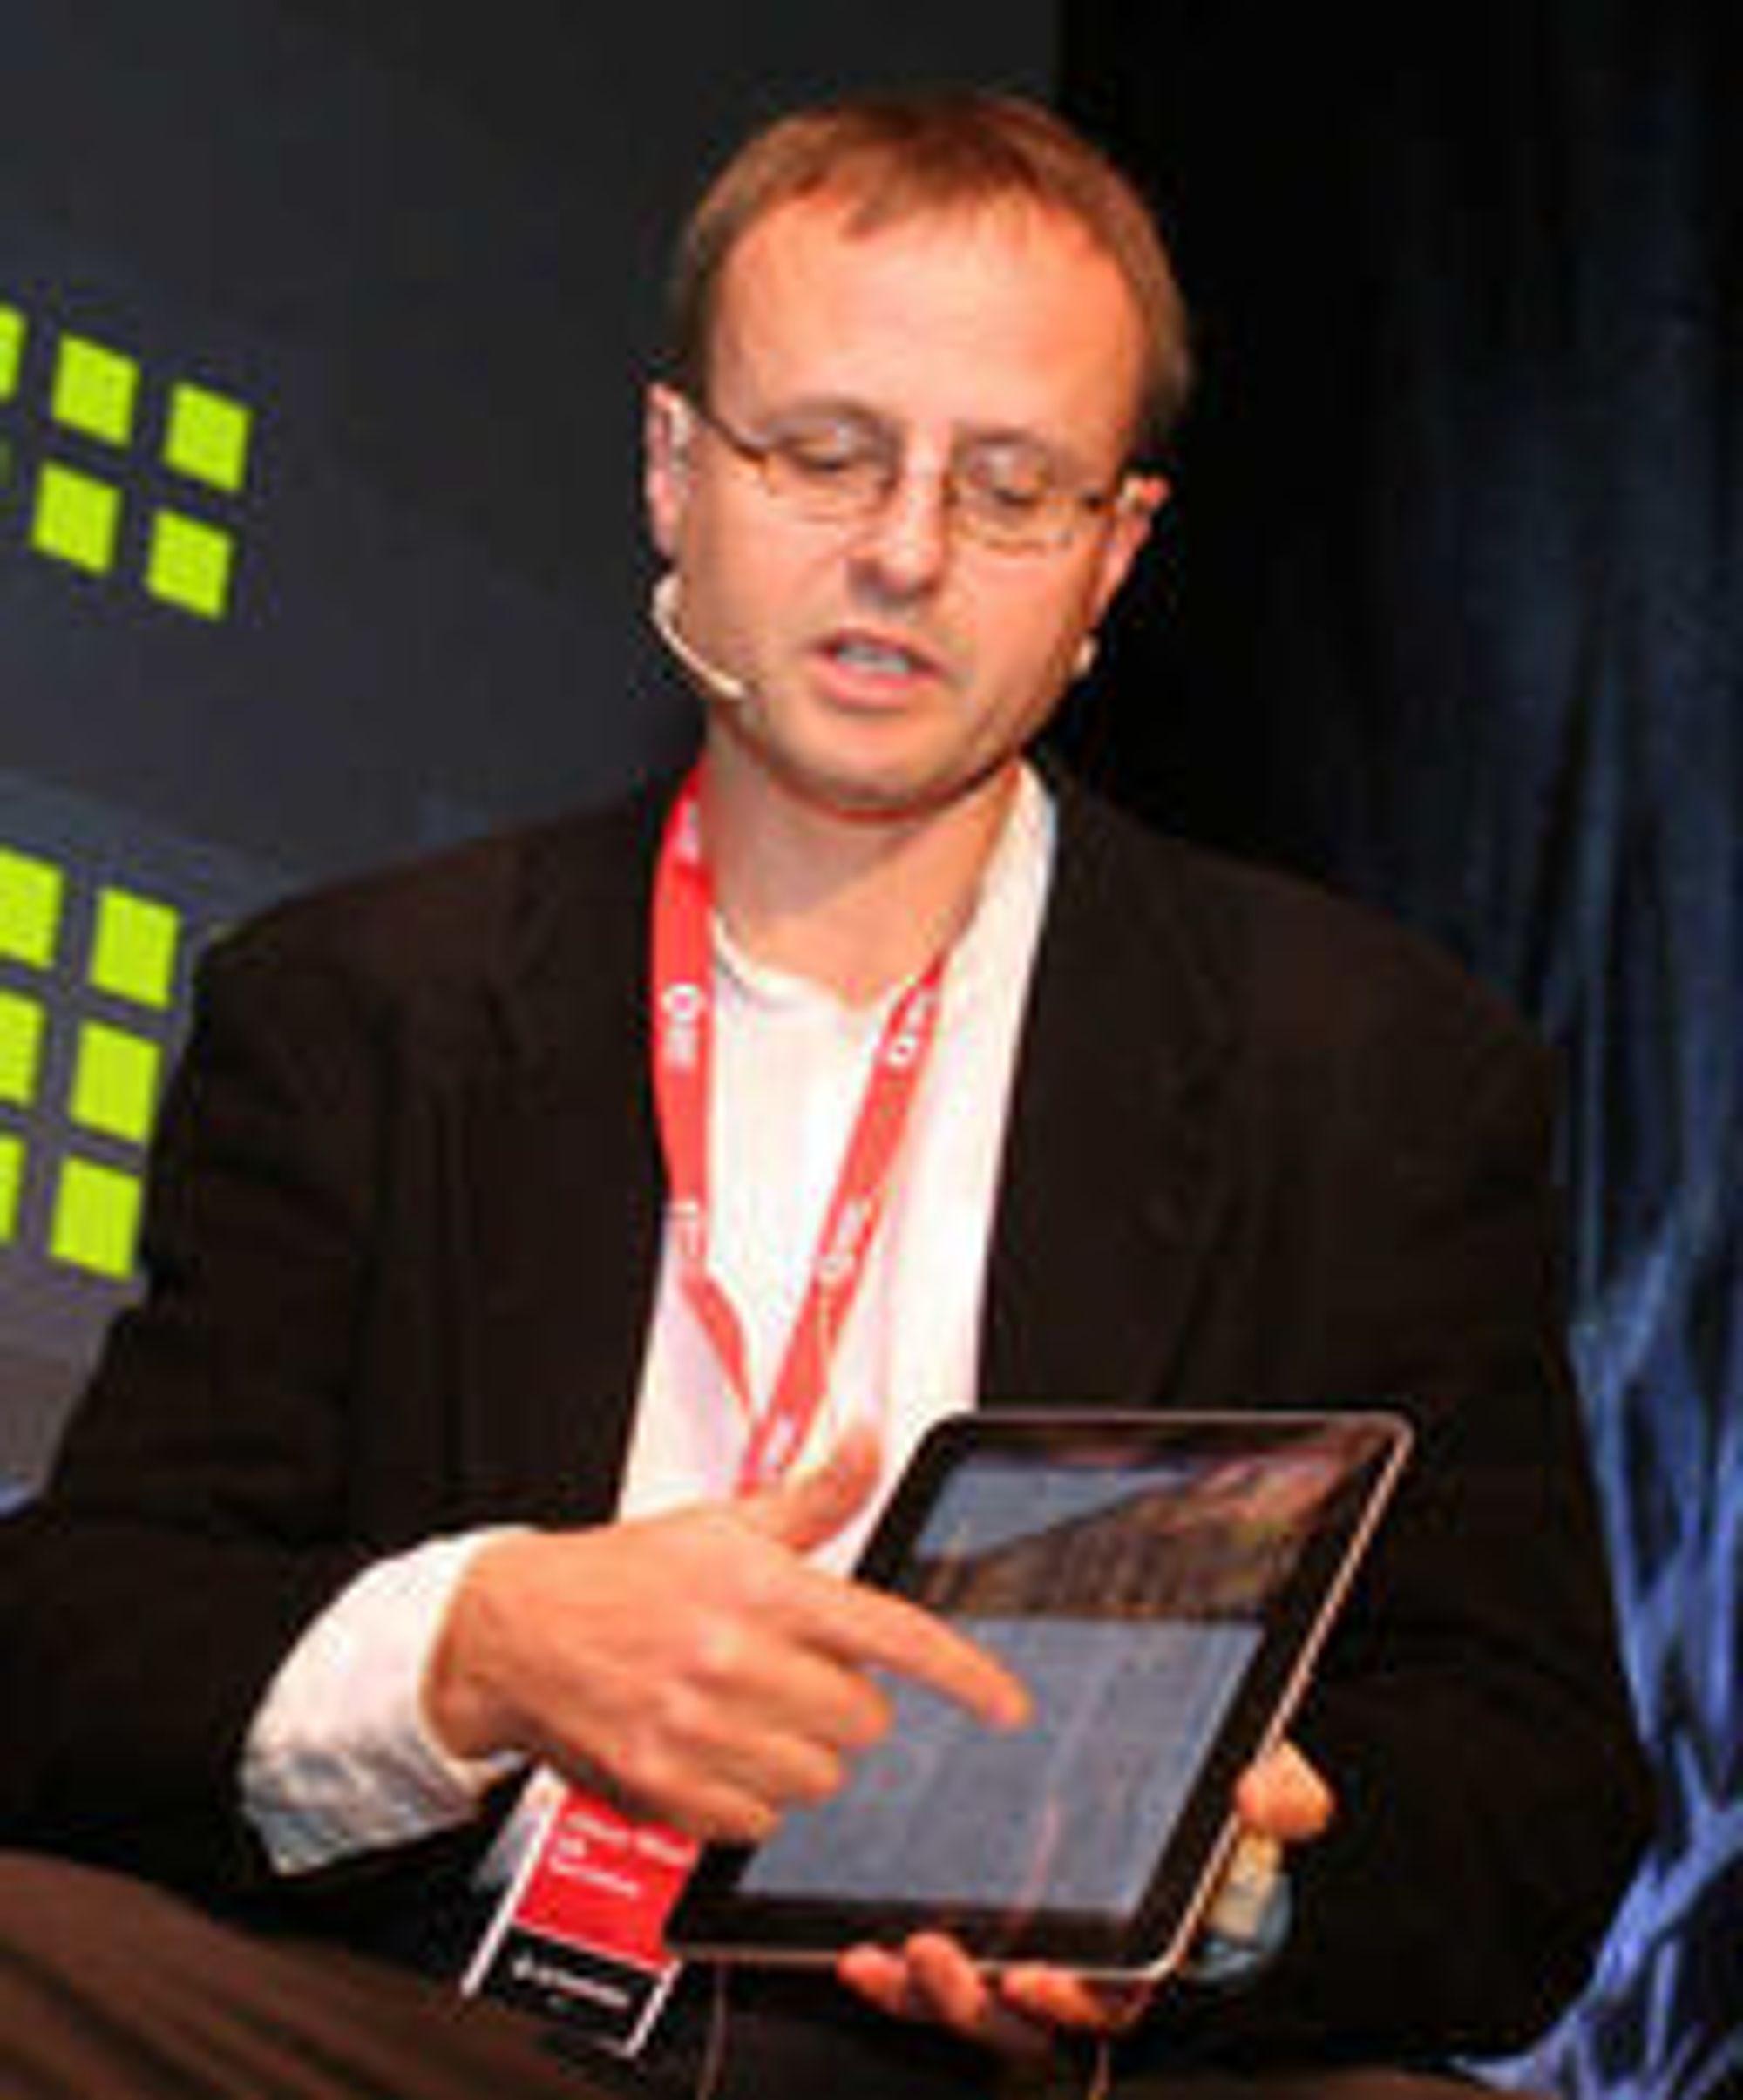 Uten JavaScript: Håkon Wium Lie sveiper mellom helt ordinære nettsider på en tidlig utgave av Opera Mobile.